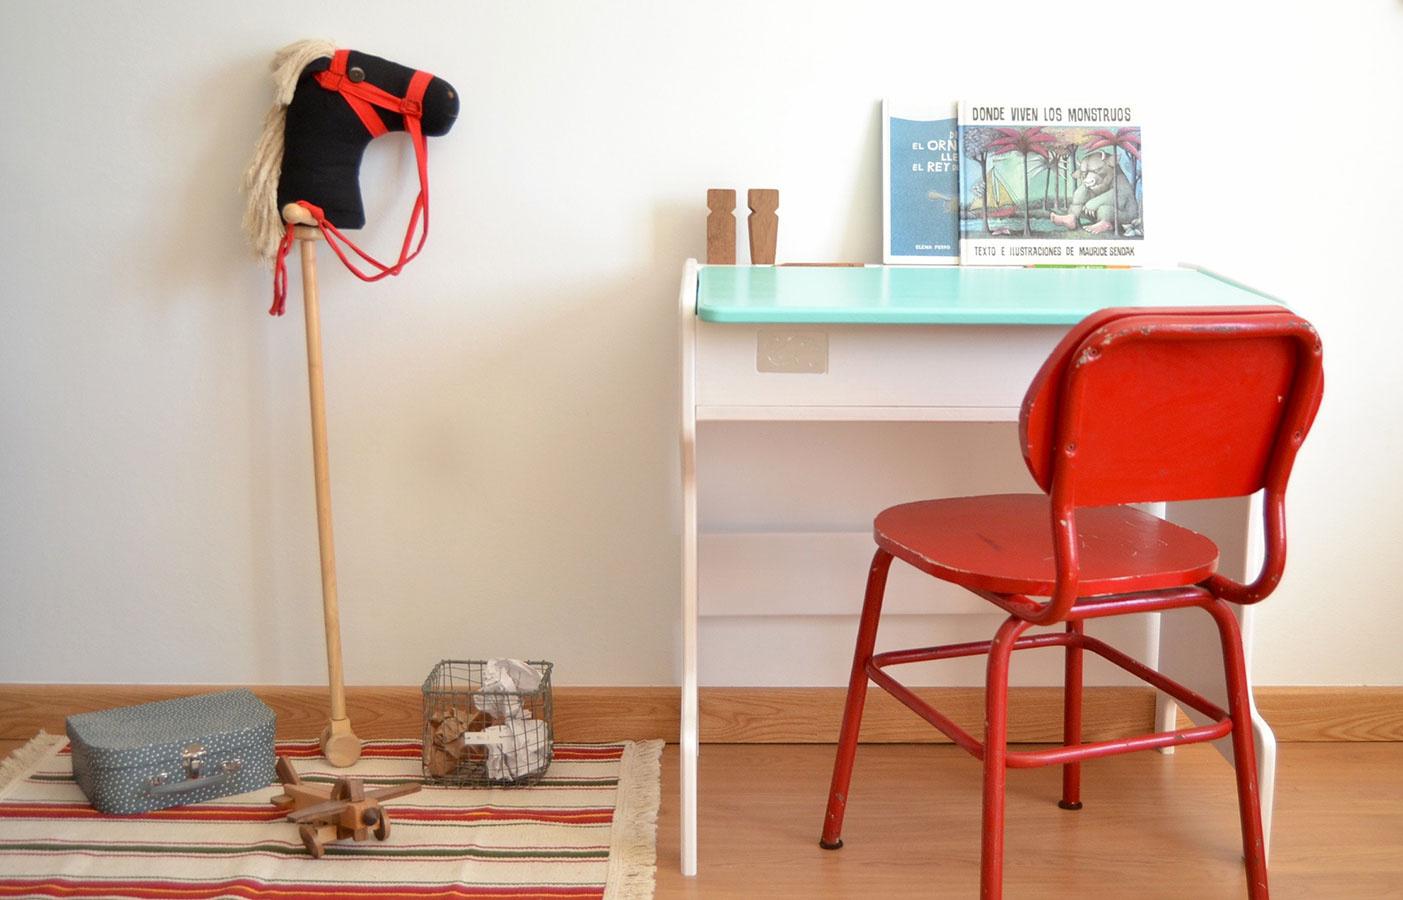 Jednoduché a pevné zariadenie s oblými rohmi je pri zariaďovaní pracoviska pre najmenších najpodstatnejšie. Stolík Wooden Desk je dostupný na www.macarenabilbao.com.